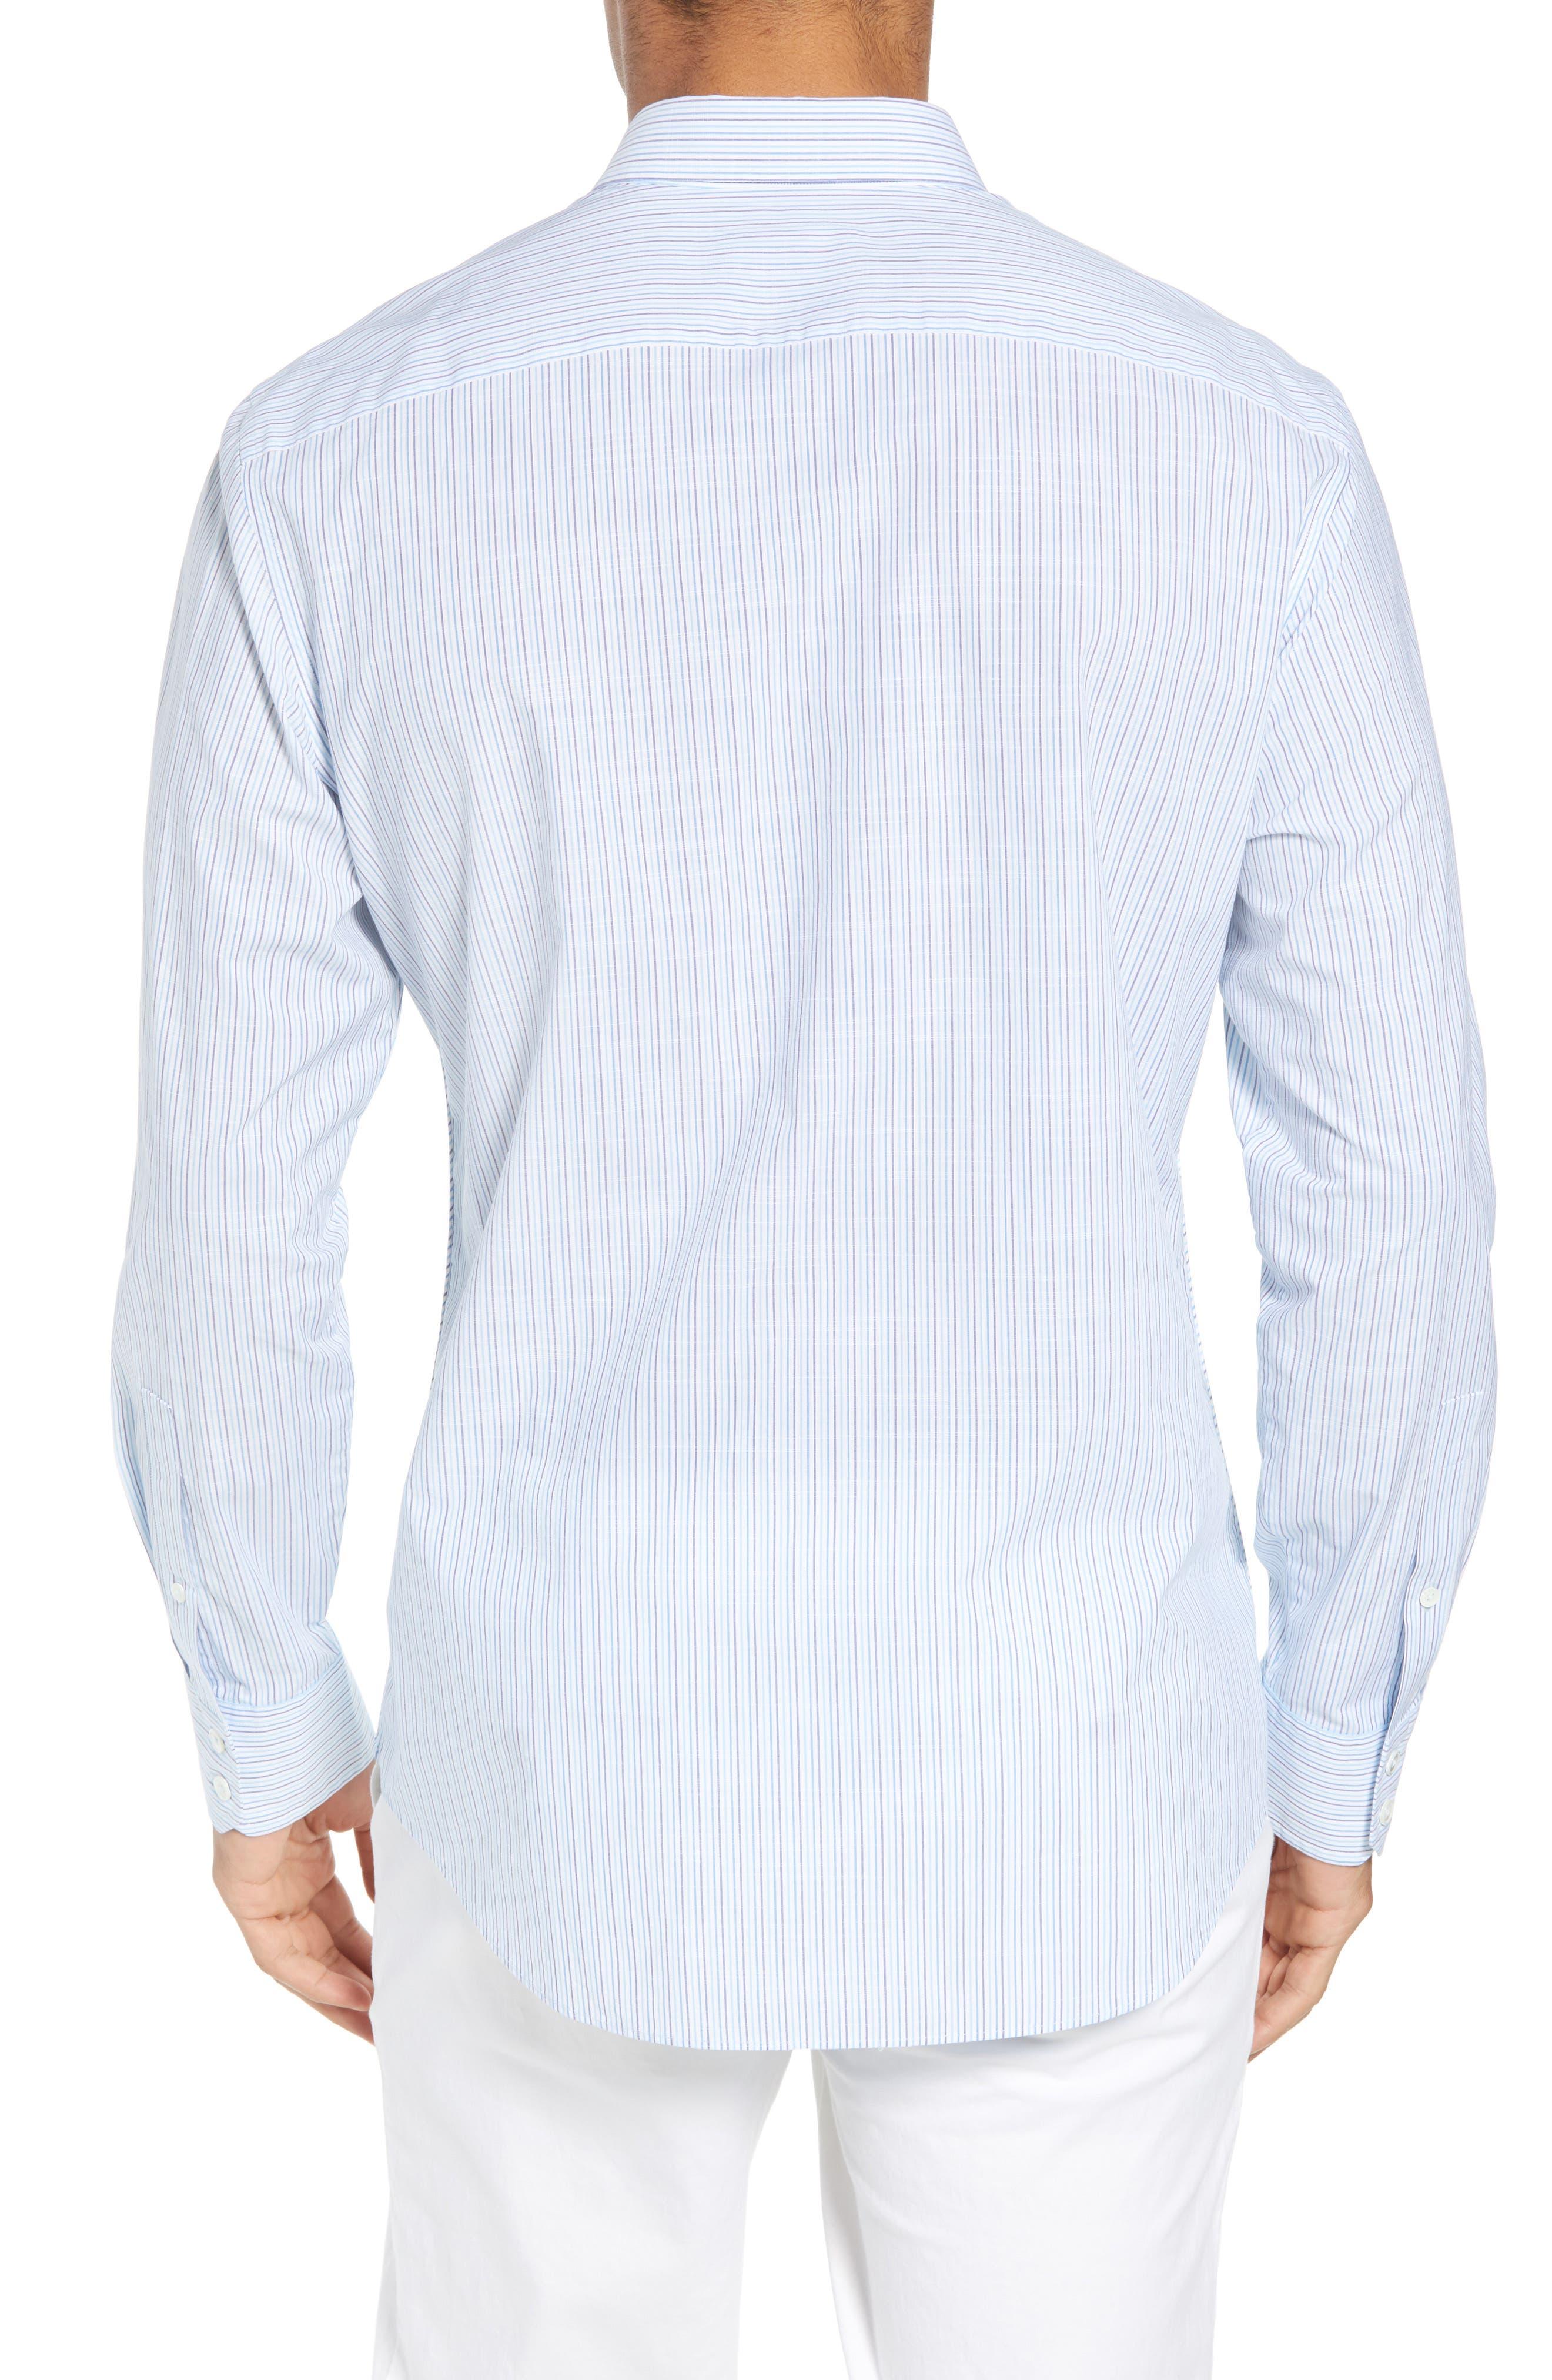 Skeeter Stripe Sport Shirt,                             Alternate thumbnail 2, color,                             440